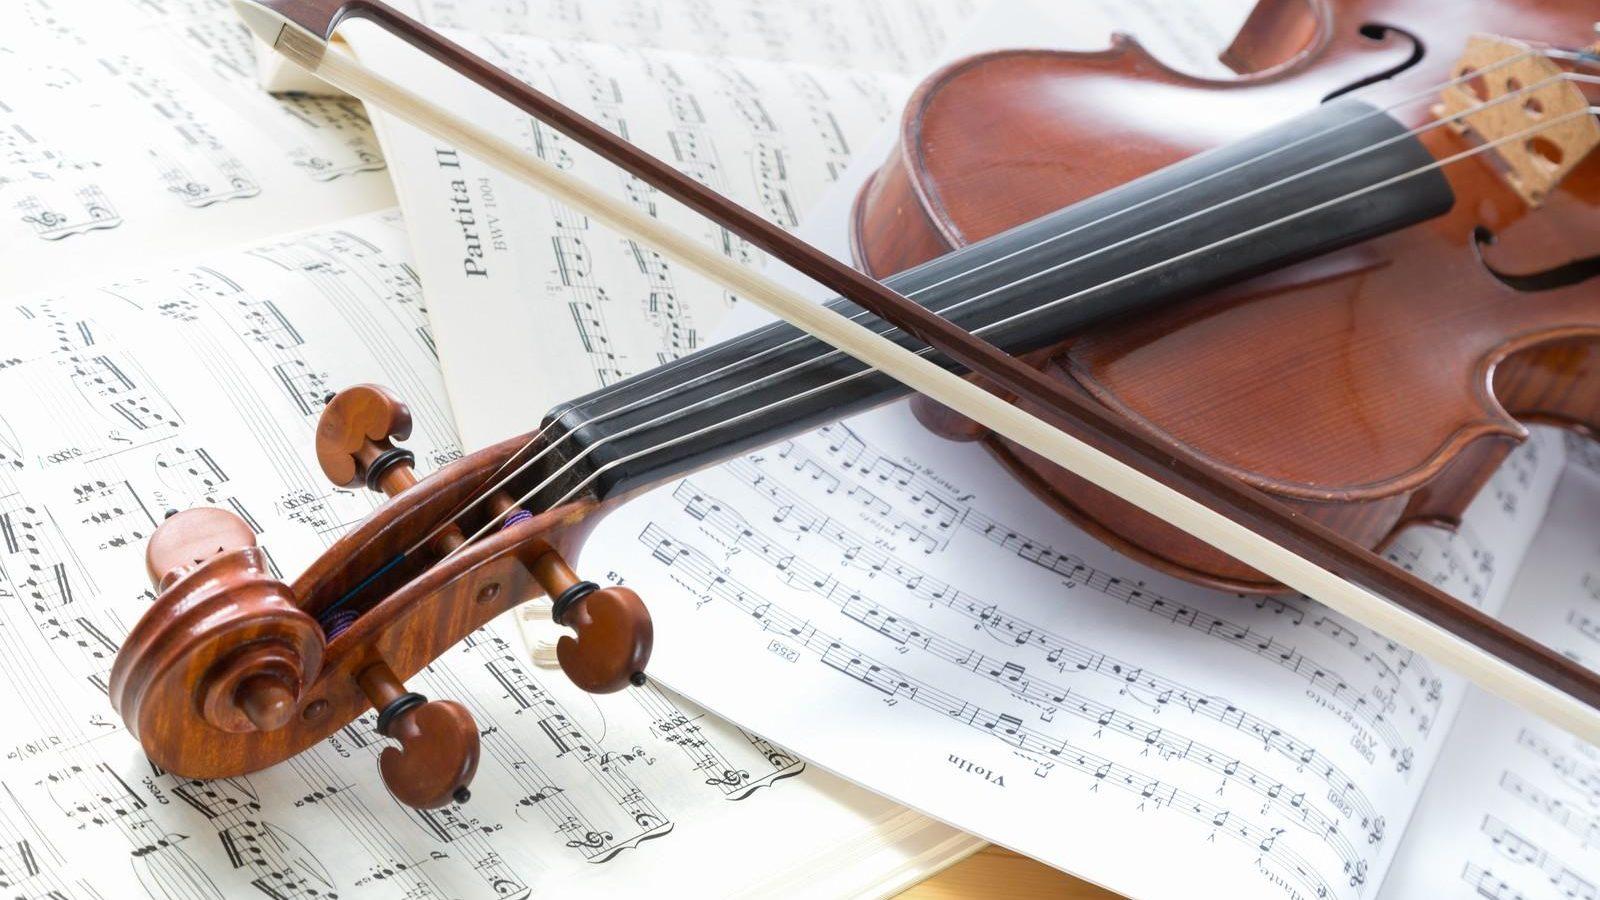 ヴァイオリンの指板テープは初心者にピッタリ!おすすめも紹介!